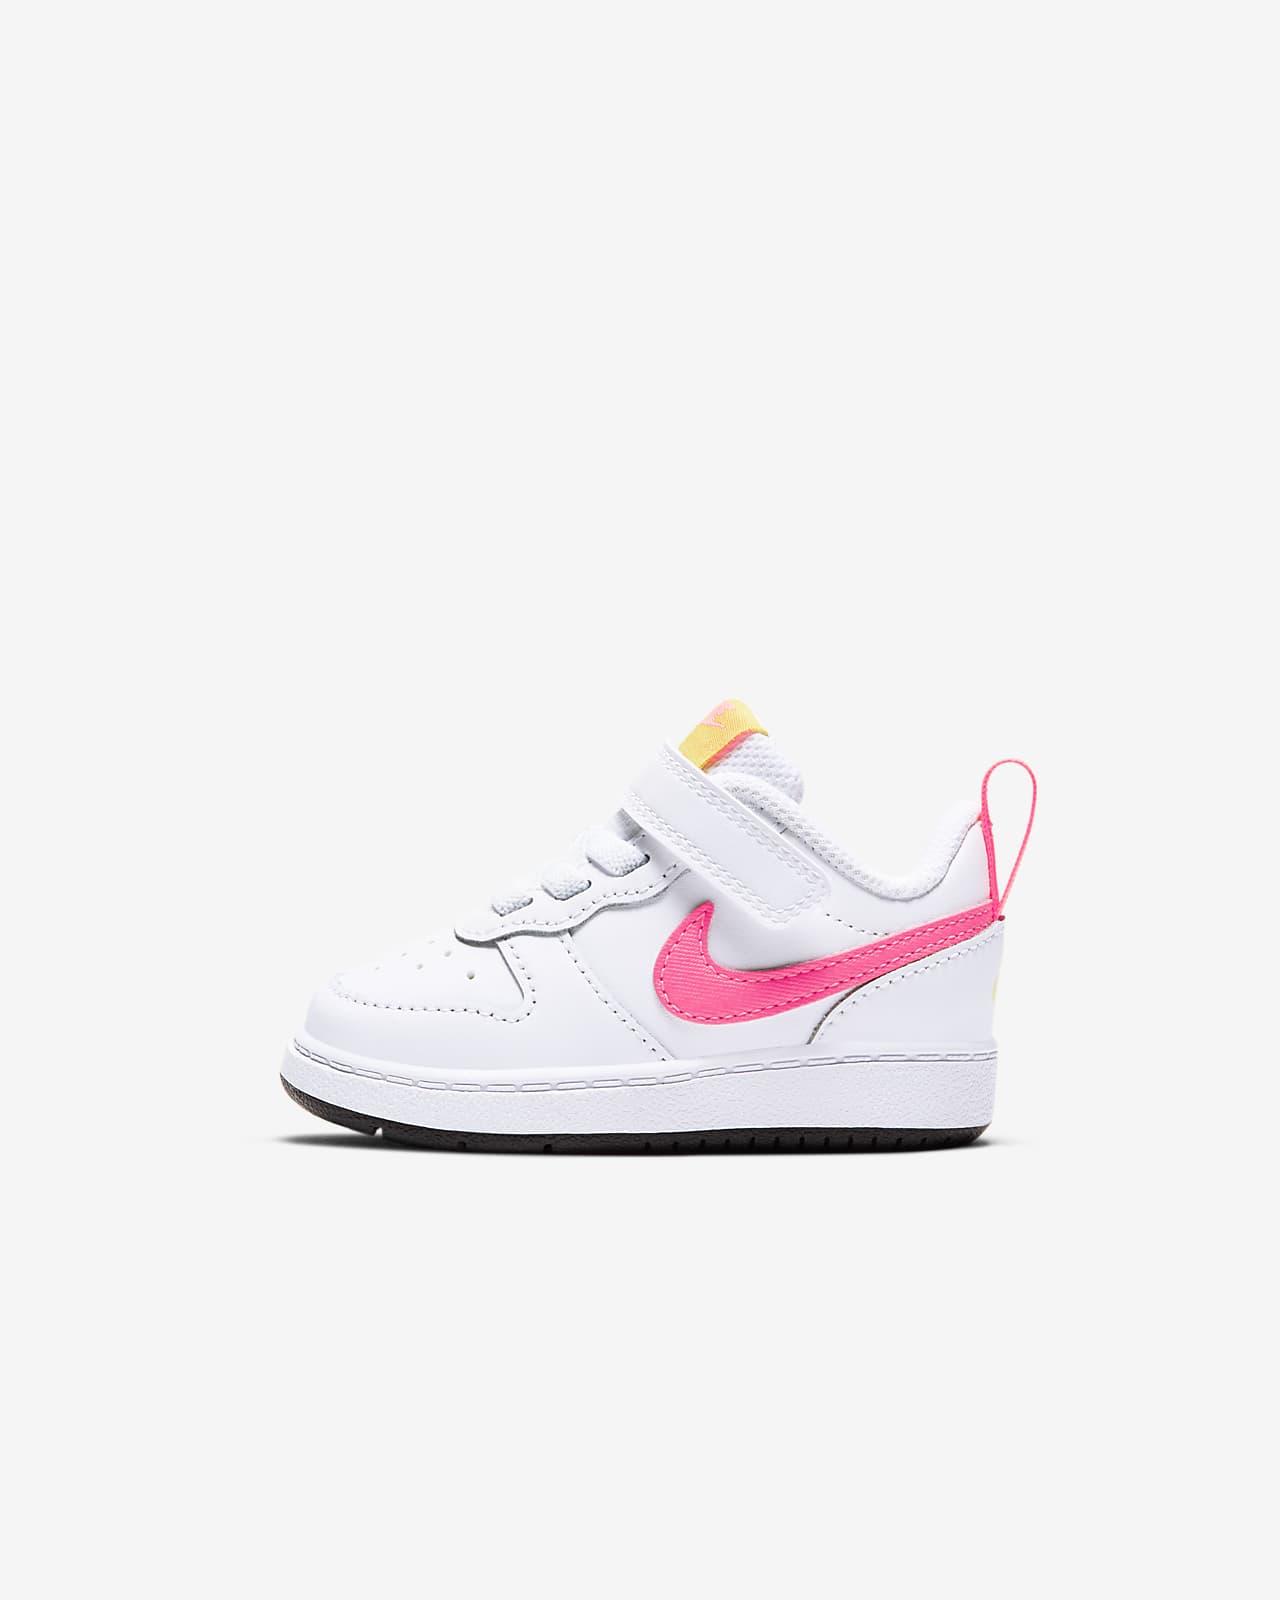 Παπούτσι Nike Court Borough Low 2 για βρέφη και νήπια